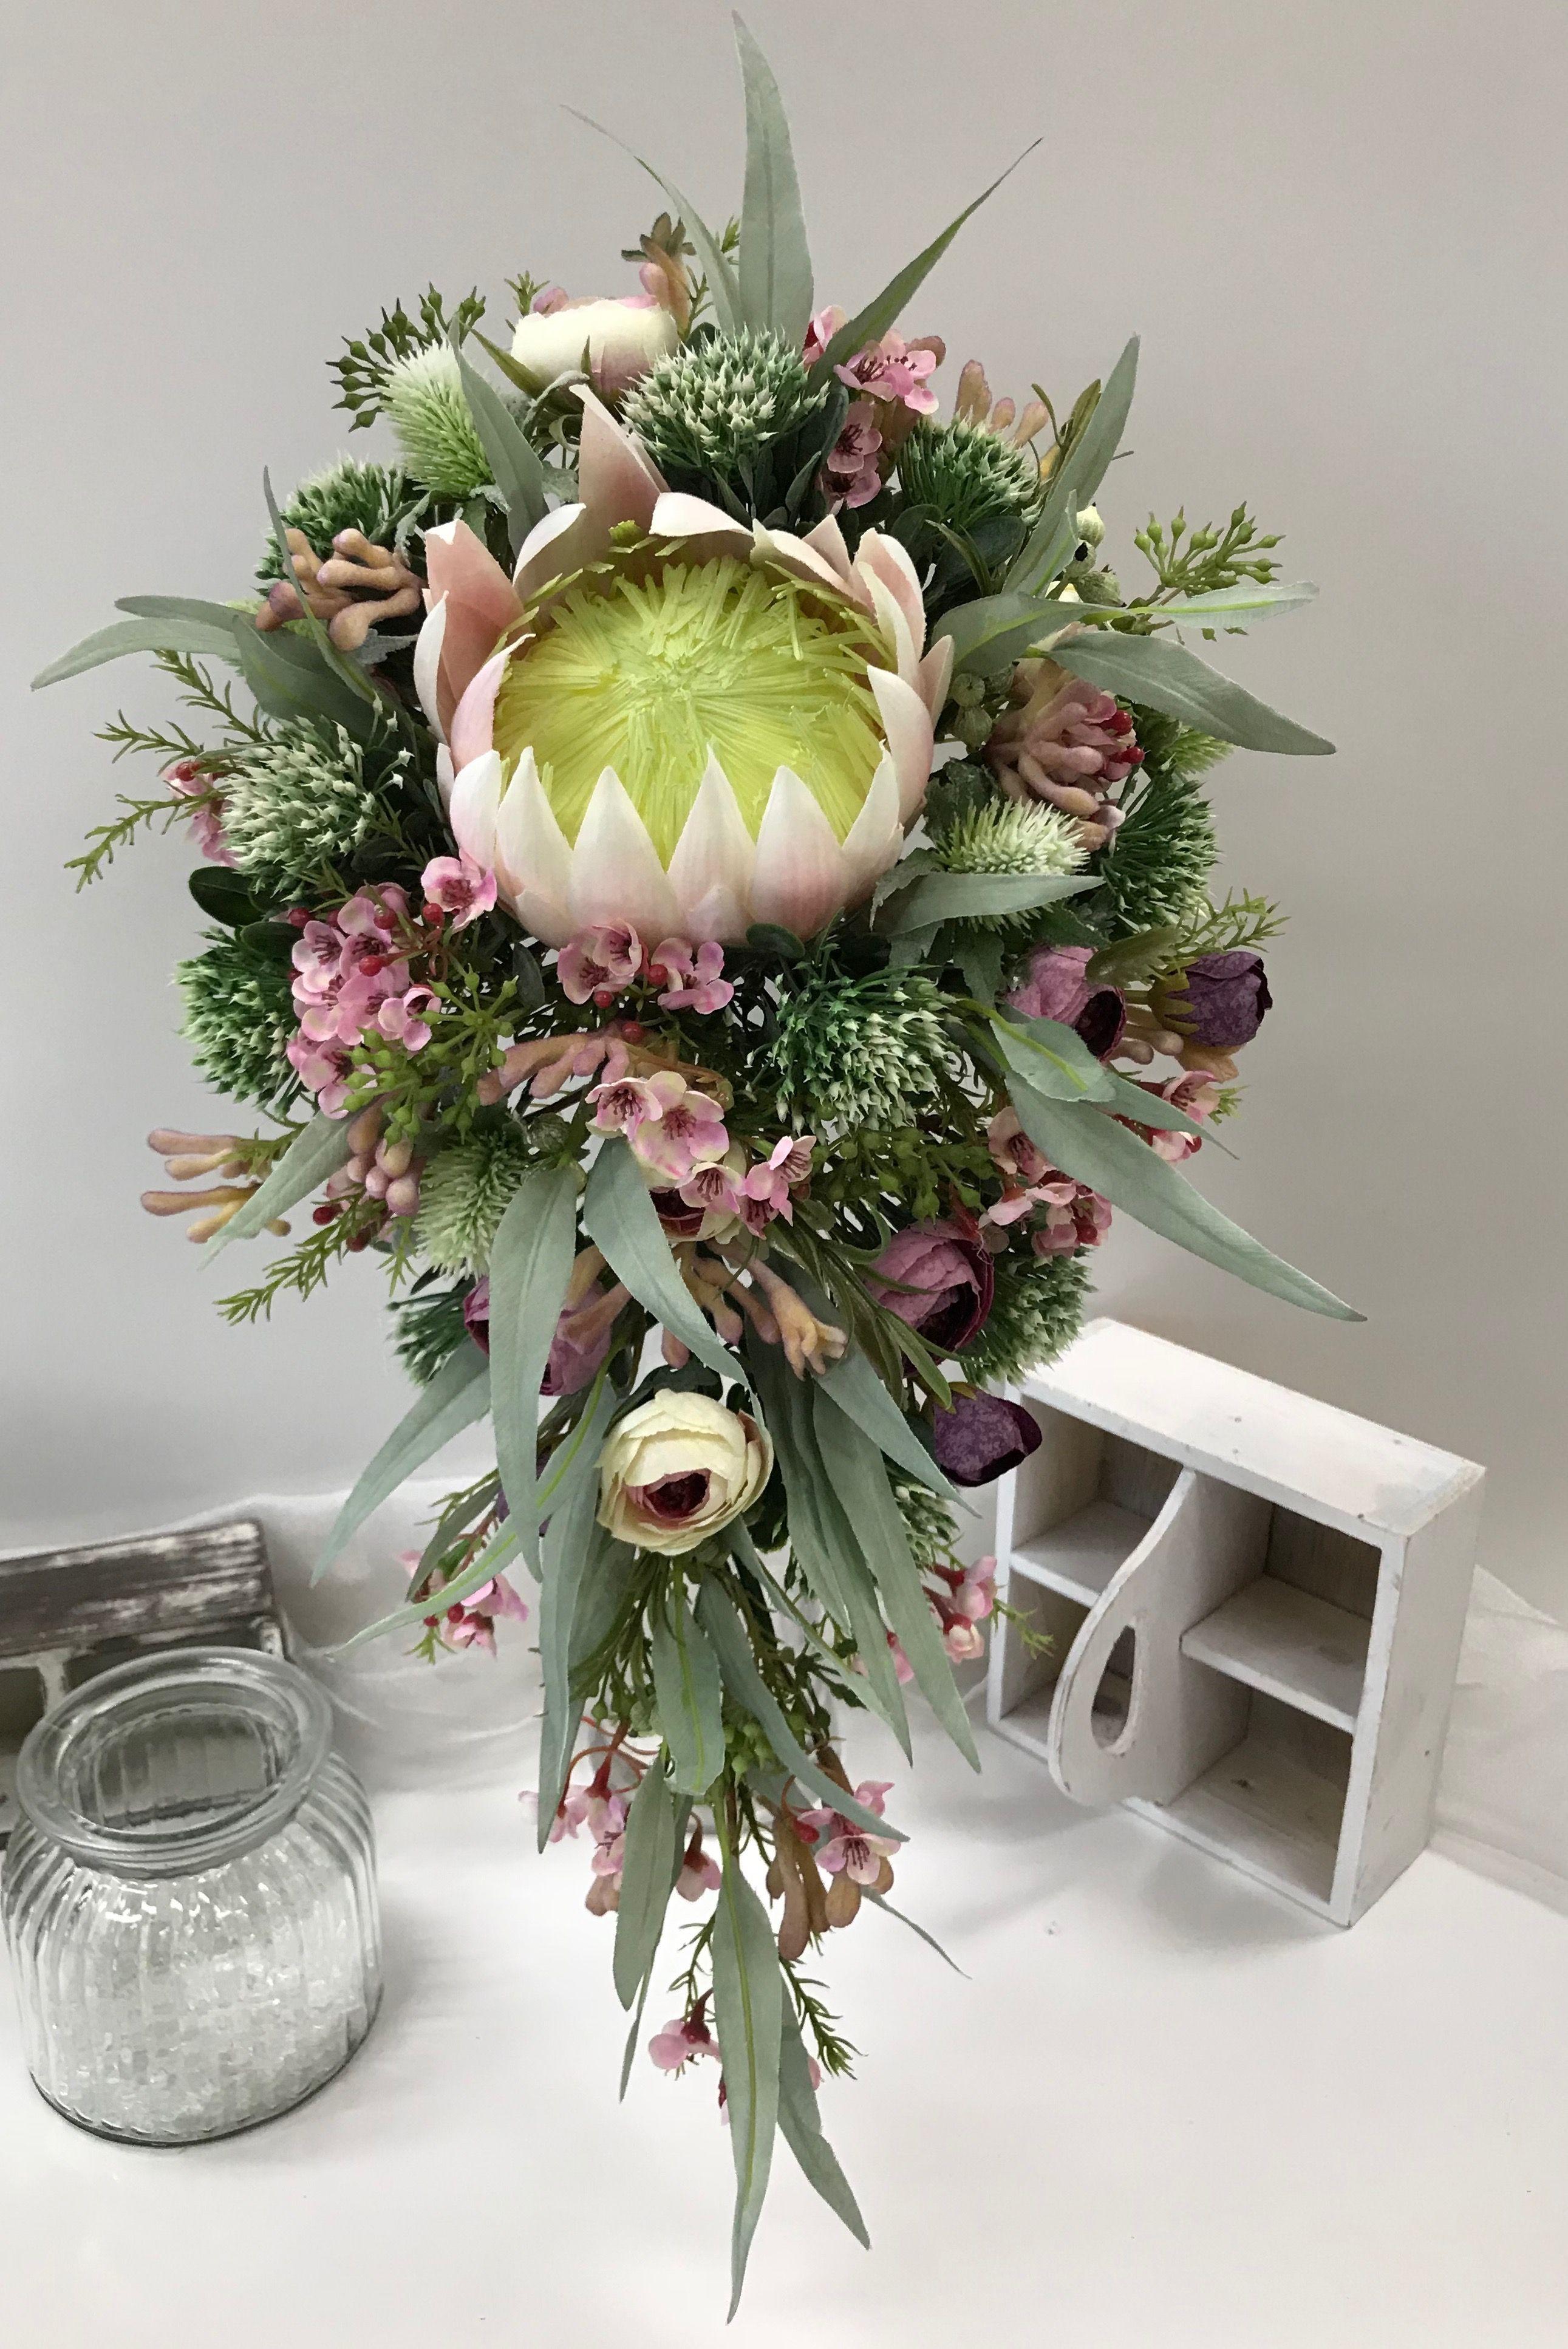 Native flower rustic teardrop bouquet soft pink dusty green floral native flower rustic teardrop bouquet soft pink dusty green izmirmasajfo